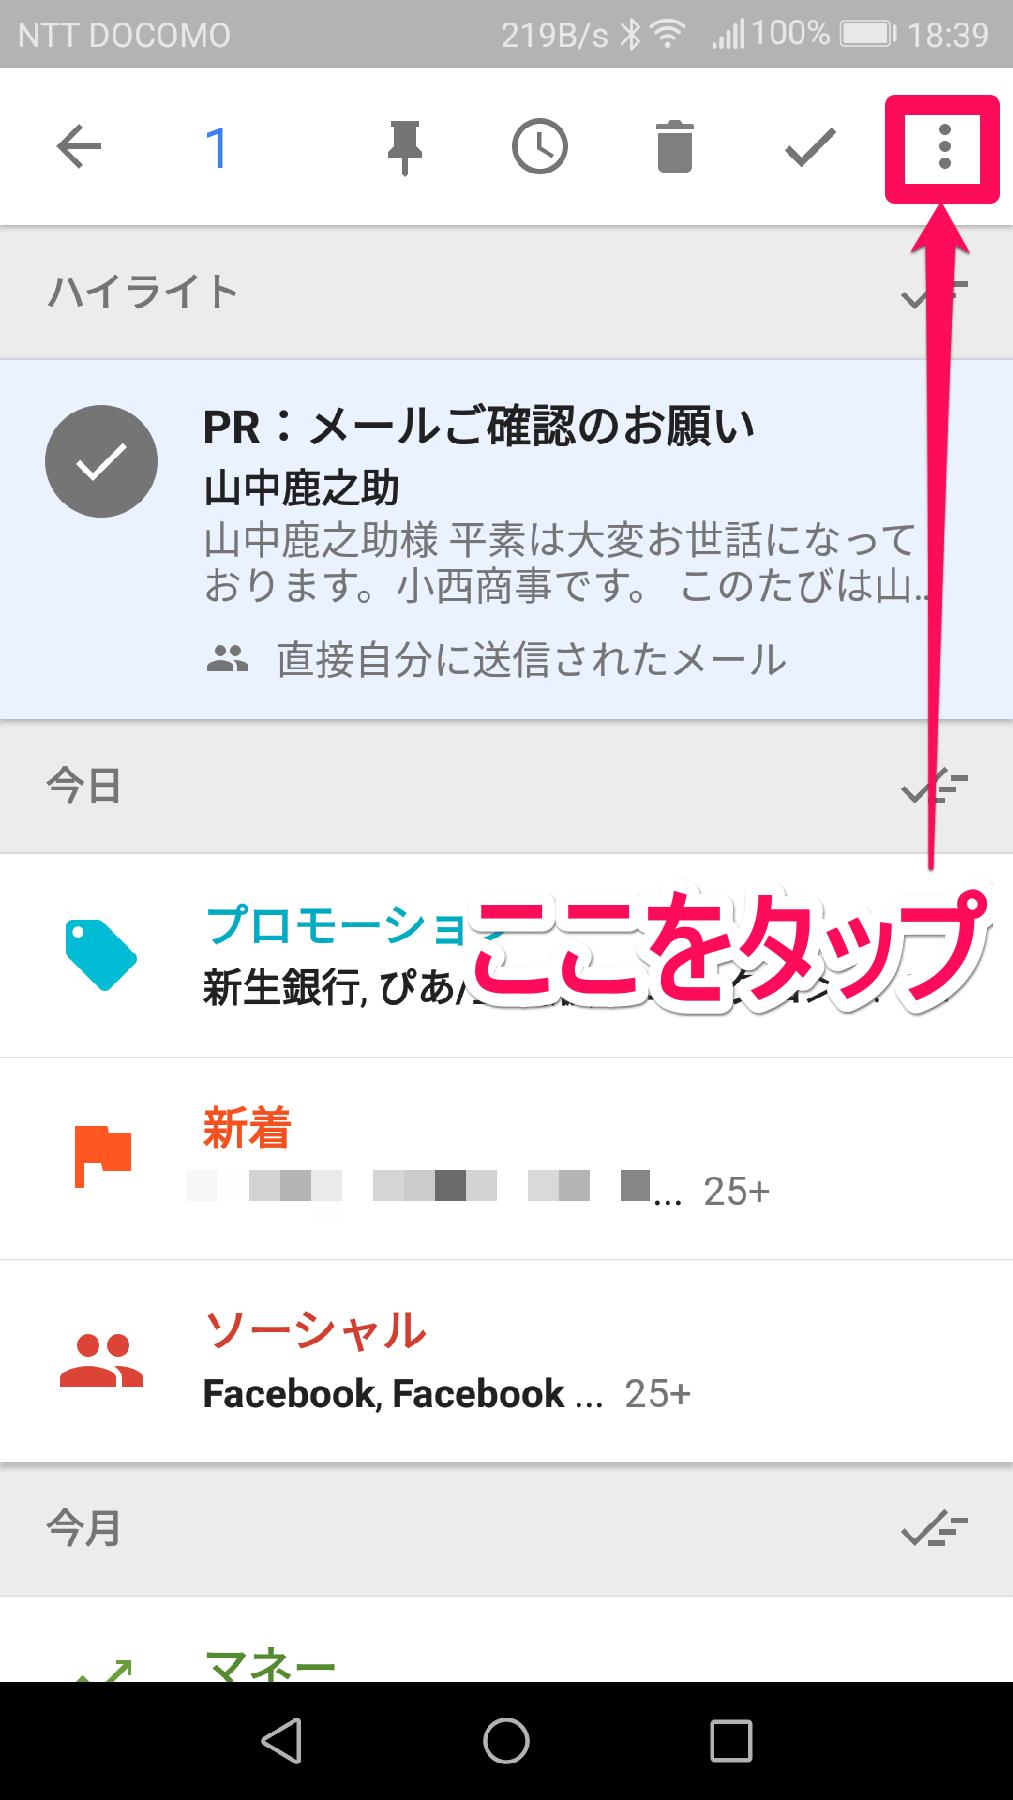 Inbox by Gmail(インボックス、ジーメール)のメイン画面でハイライトのアイコンをタップして選択した状態で[その他]アイコンをタップする画面